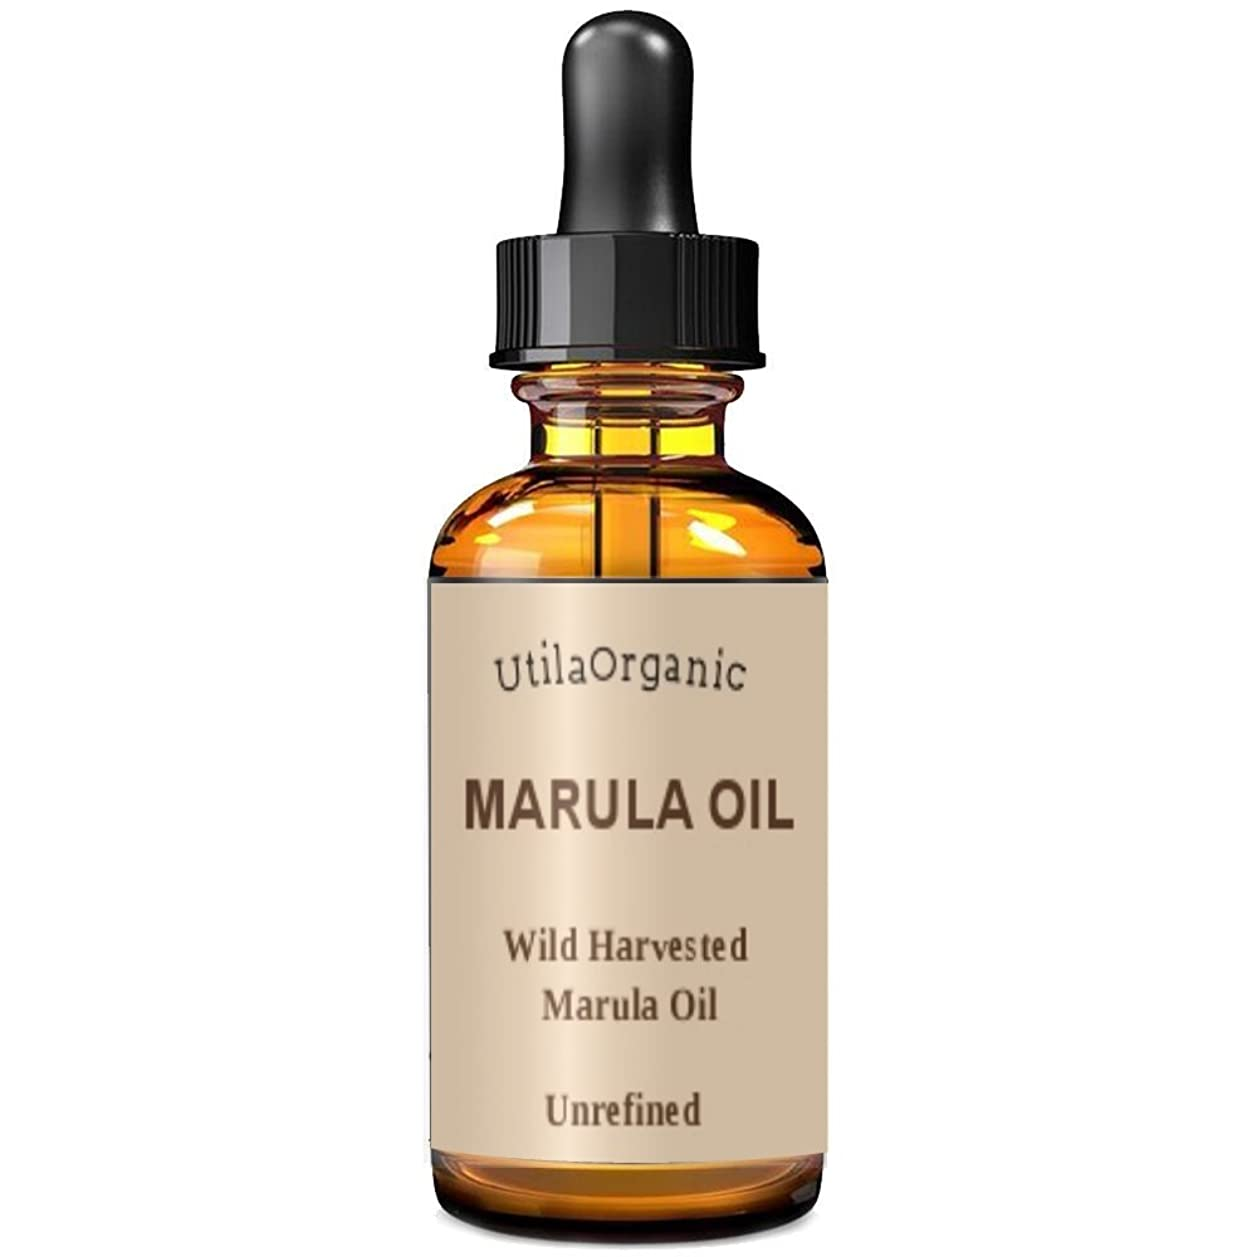 詐欺一時解雇するスリッパ未精製 マルラオイル 60ml Marula Oil 100% pure and natural 【並行輸入品】